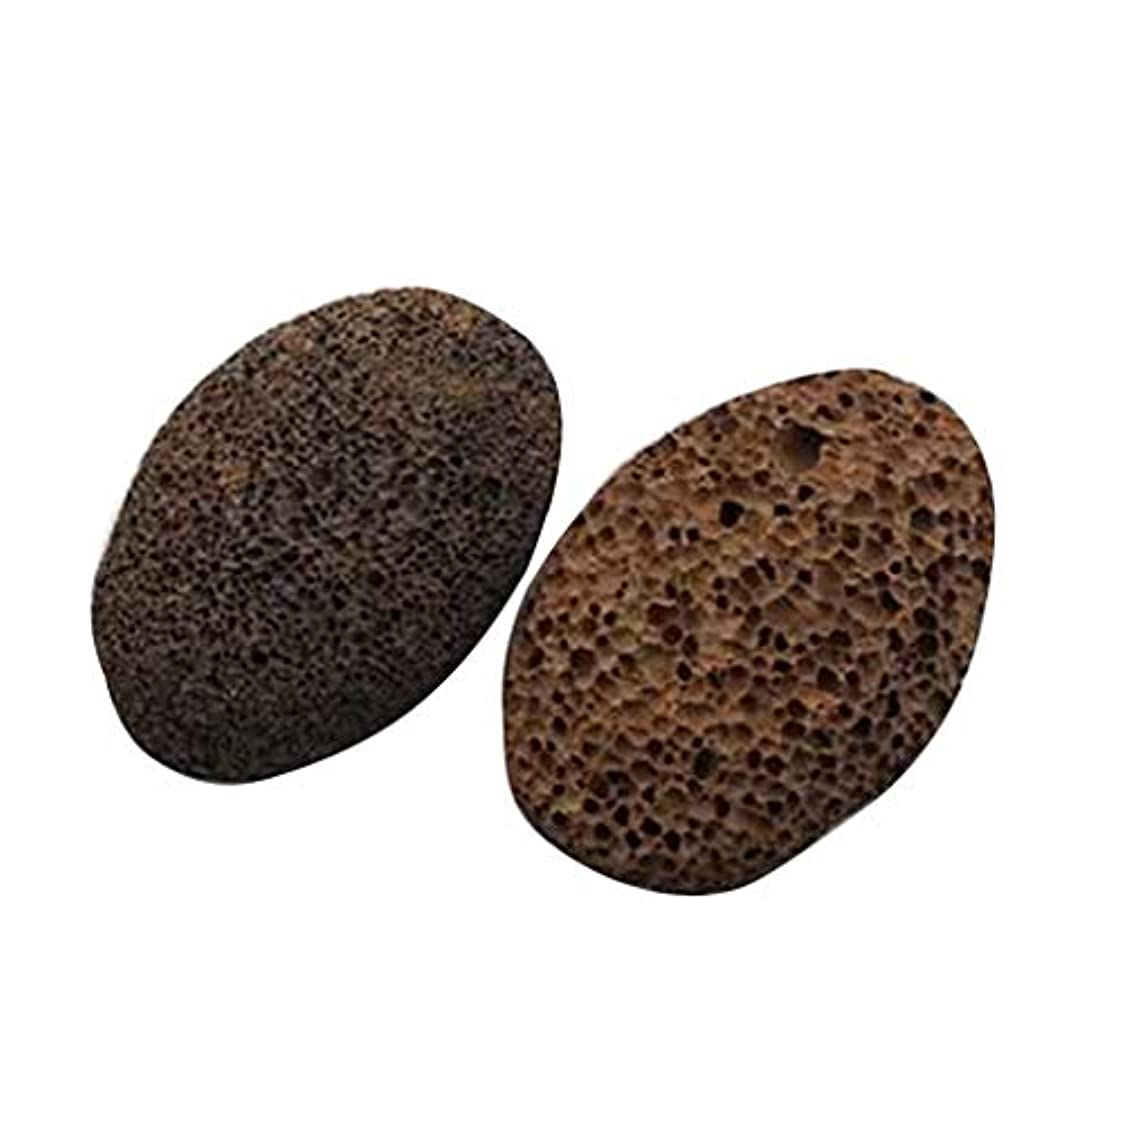 流用する開拓者流用するCripsly ワイプ足石 死んだ皮軽石を取り除き 足石を挽いて 自然の火山石を剥がします 足マッサージ石 2個セット